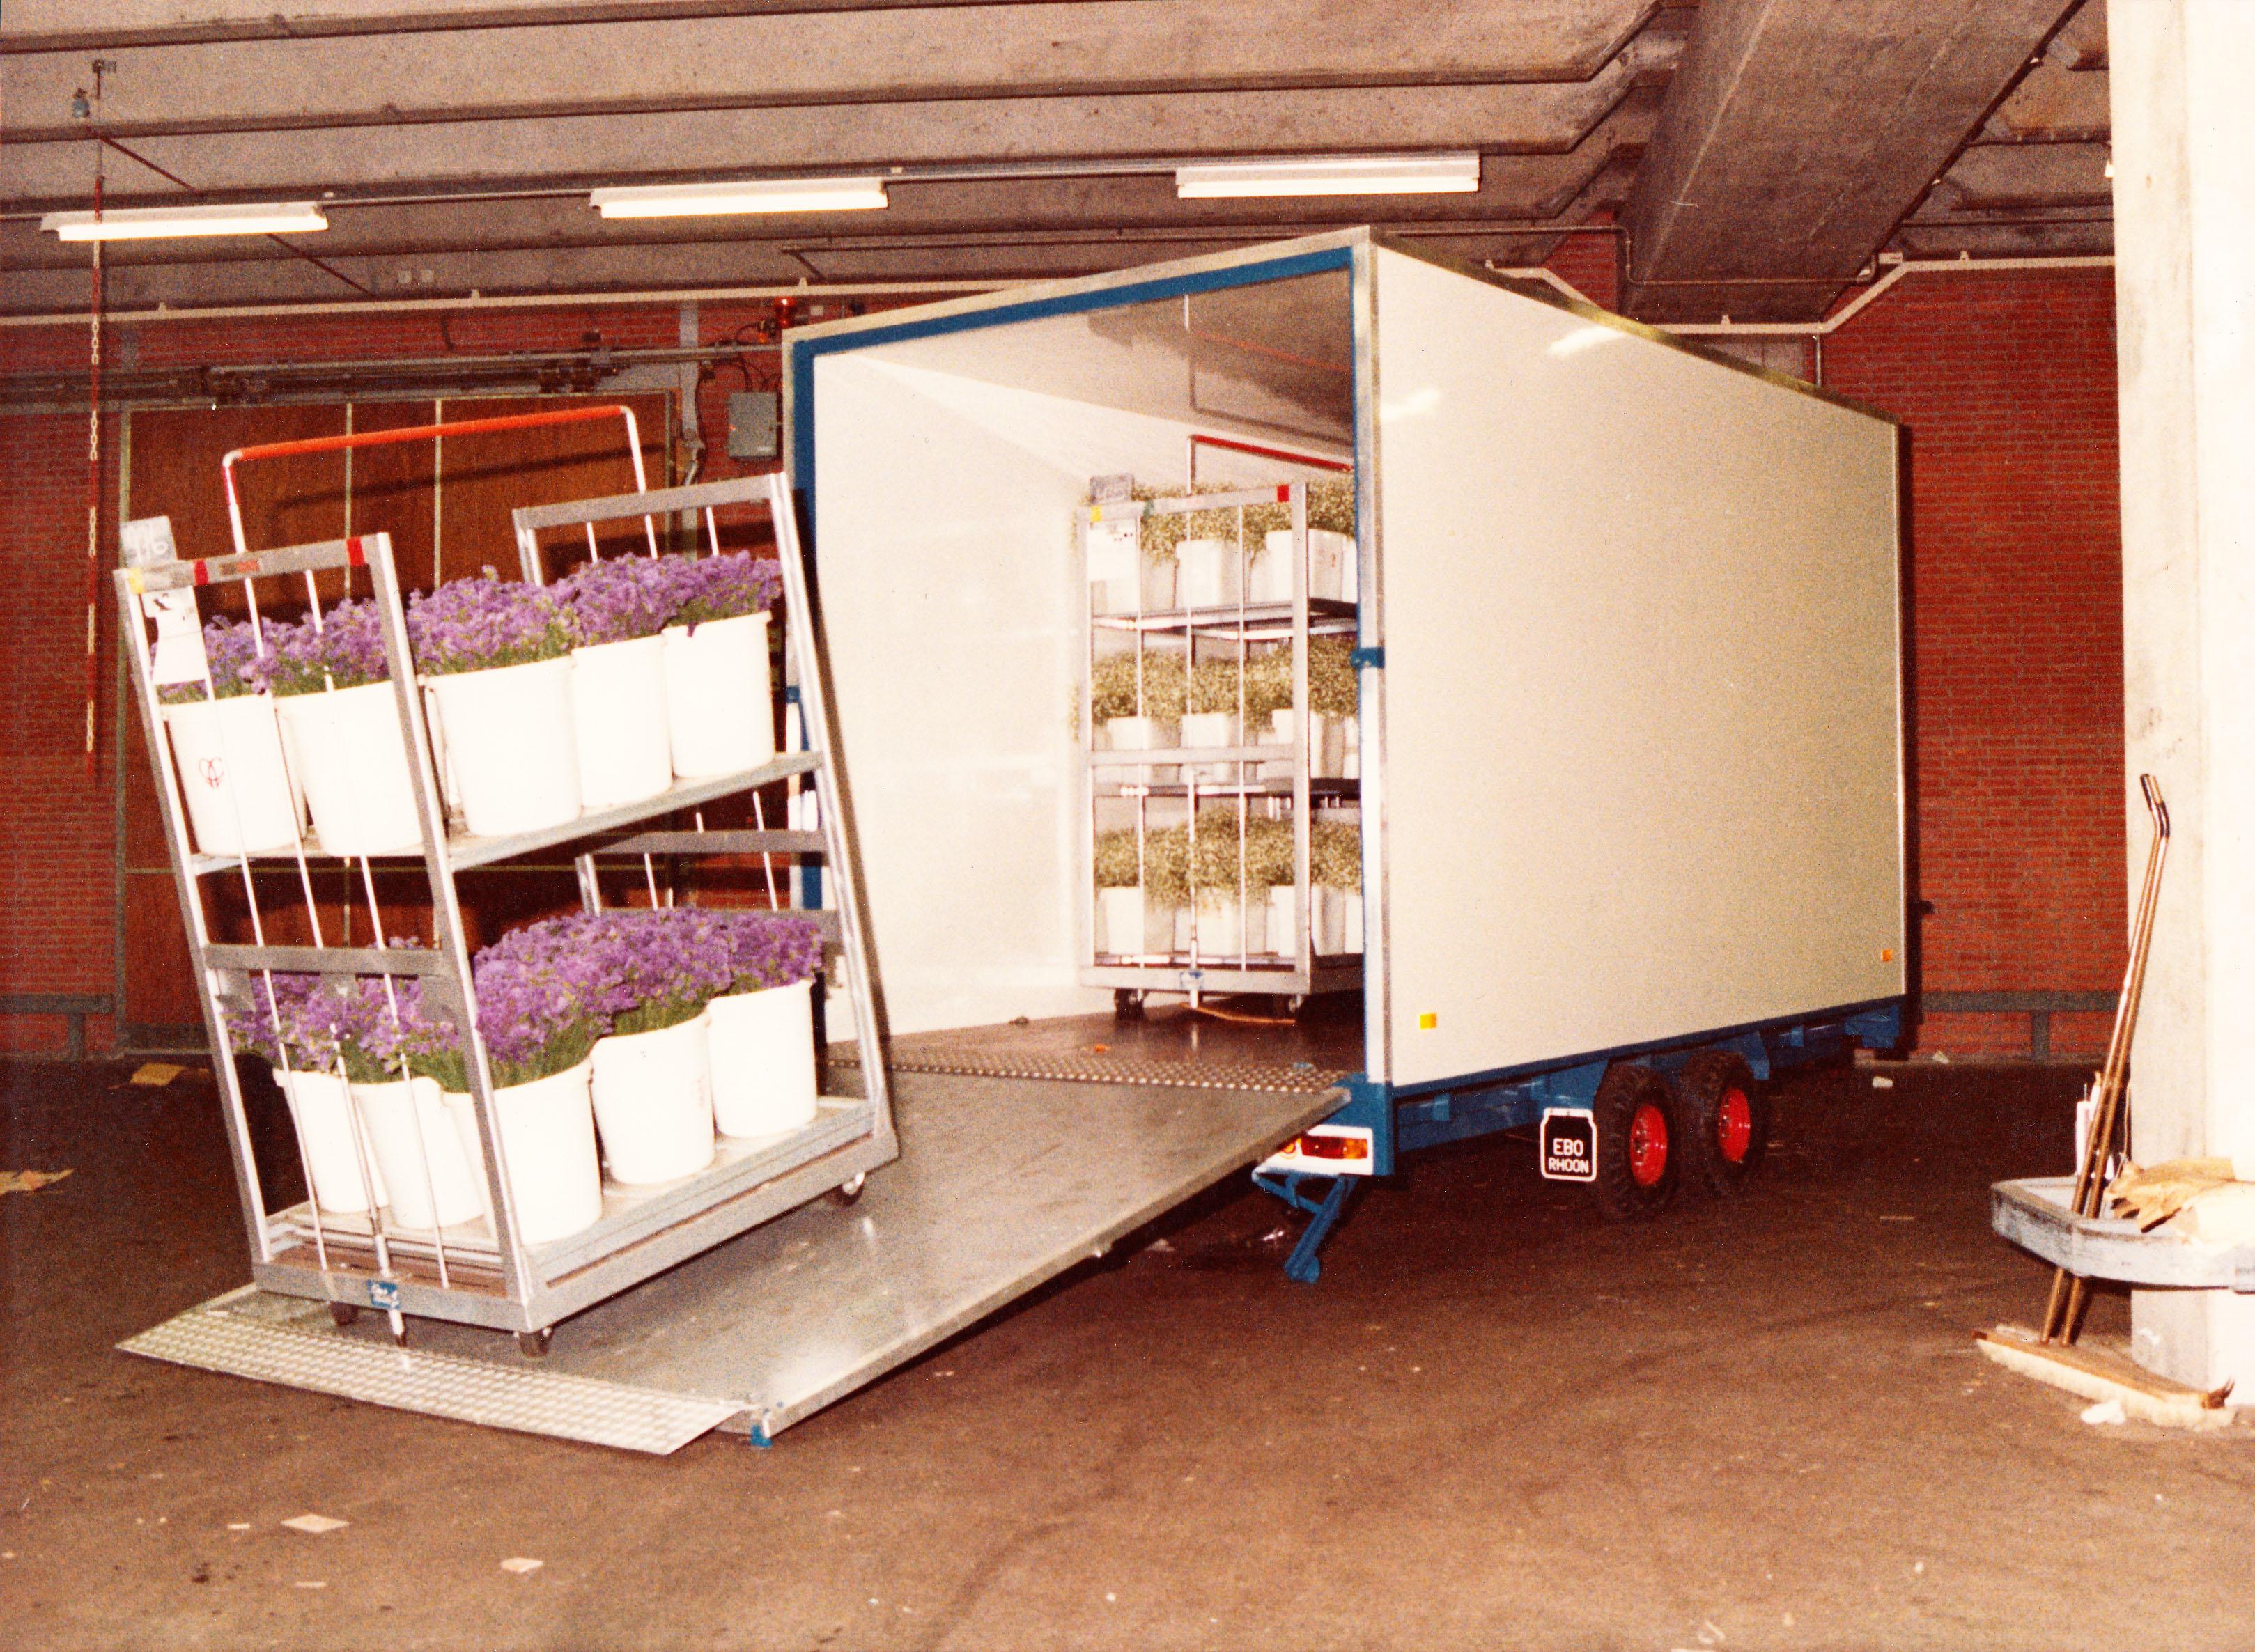 1982 - Start productie van bloemen aanhangwagens